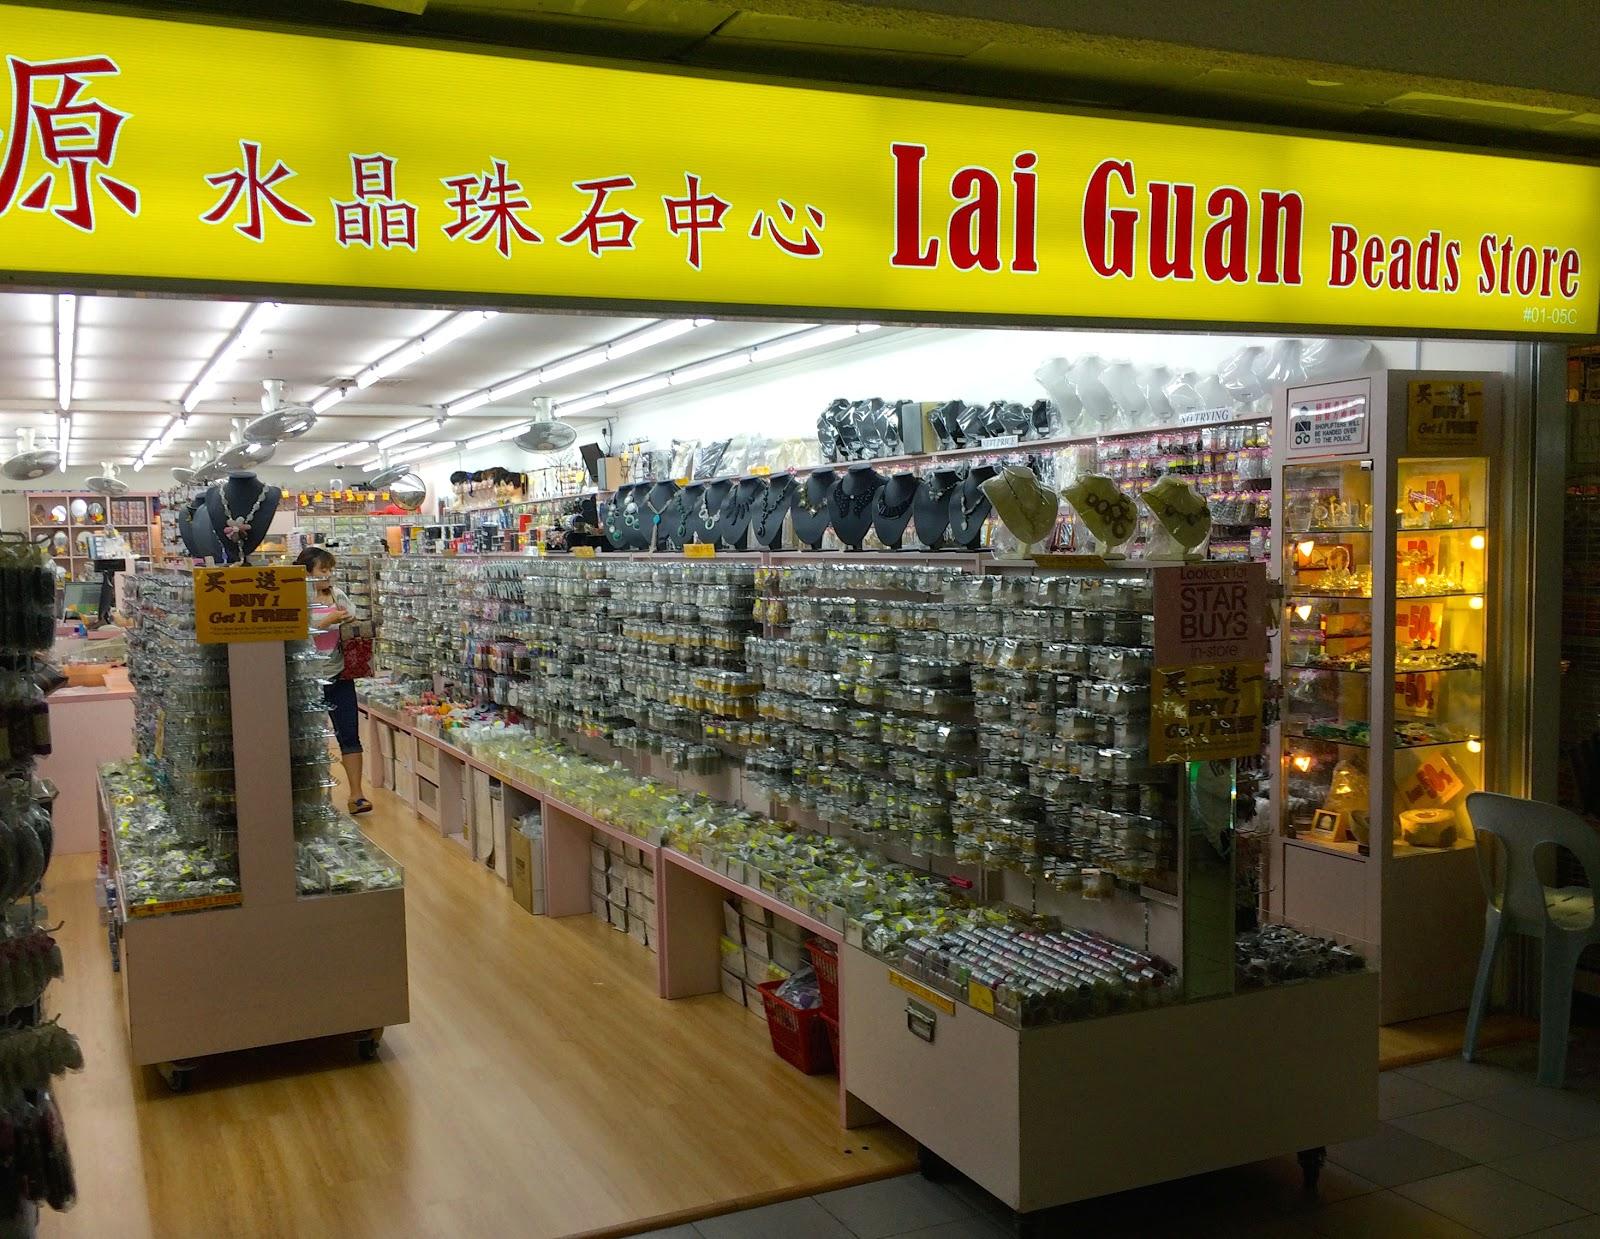 「people's park sg lai guan」の画像検索結果